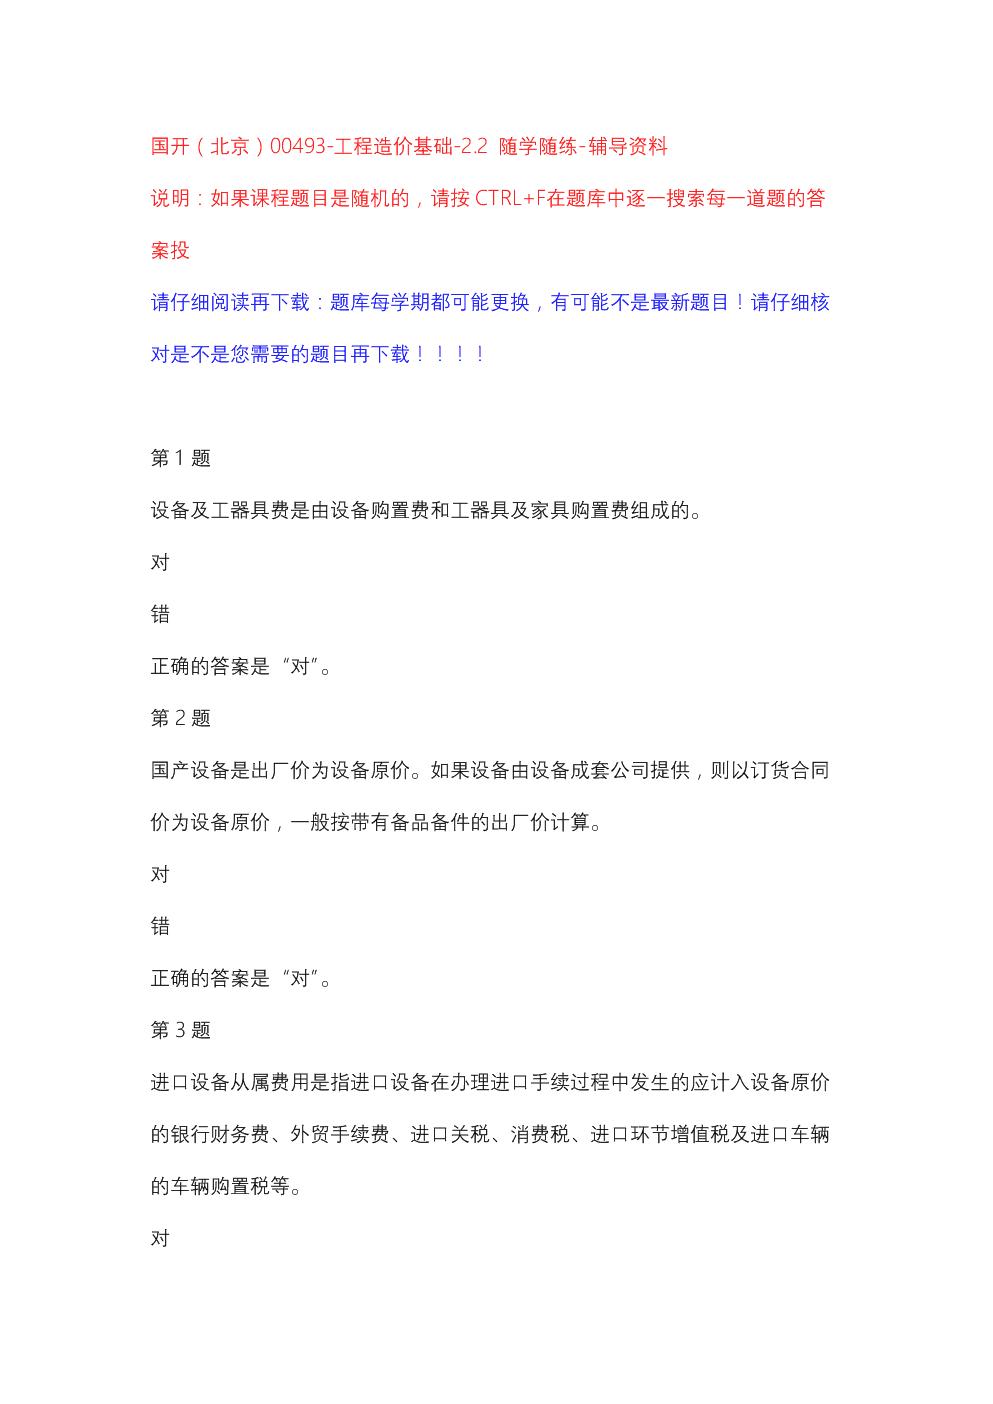 国开(北京)00493-工程造价基础-2.2 随学随练-辅导资料.docx